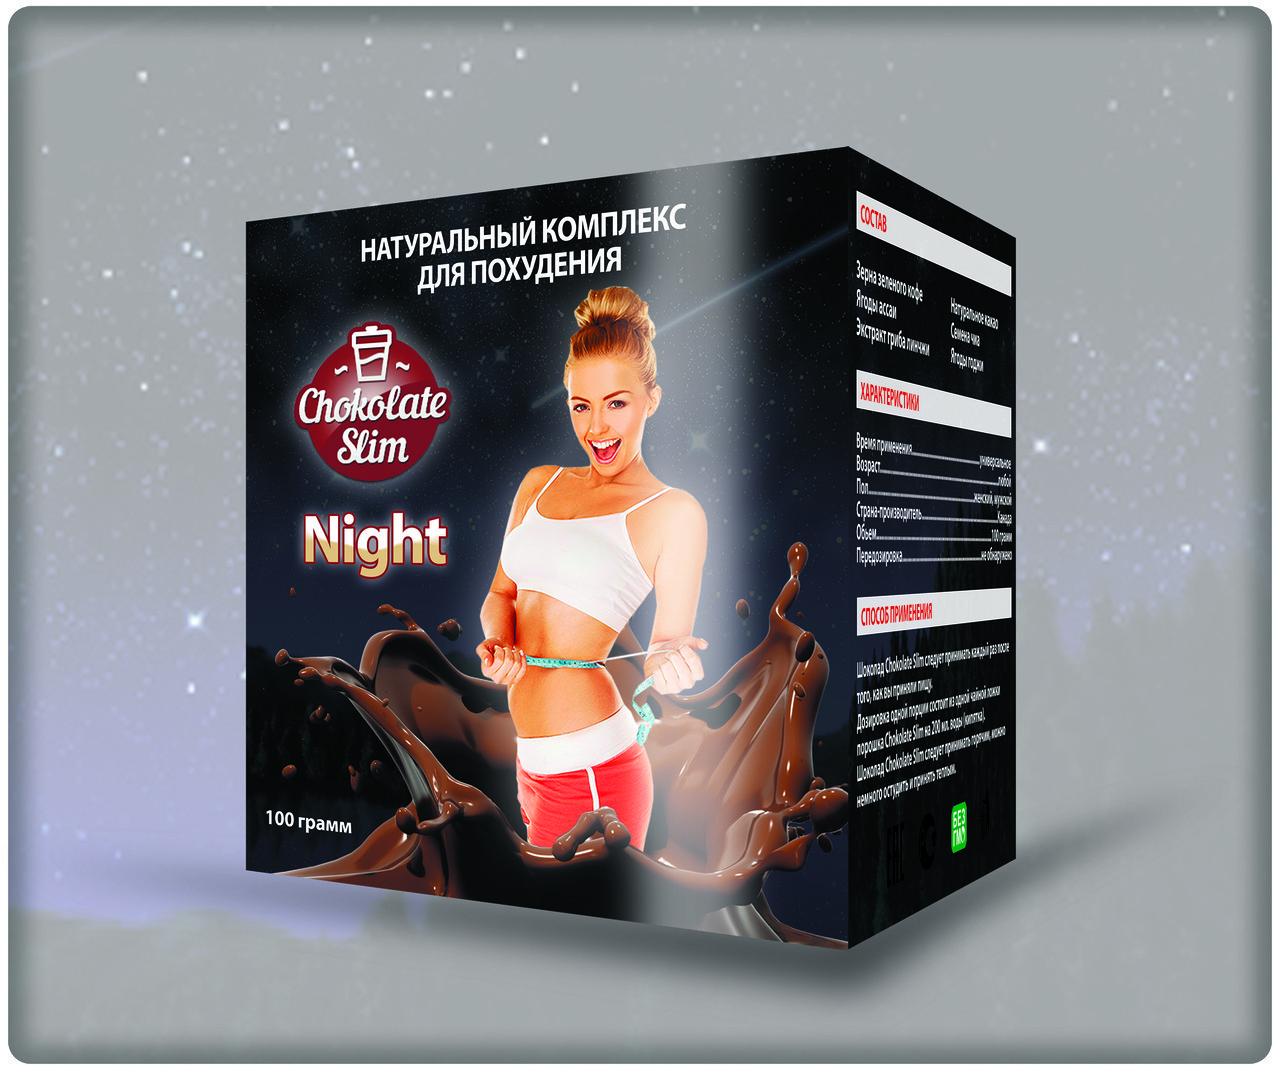 Chokolate Slim Night (Шоколад Слим Найт) - коробка